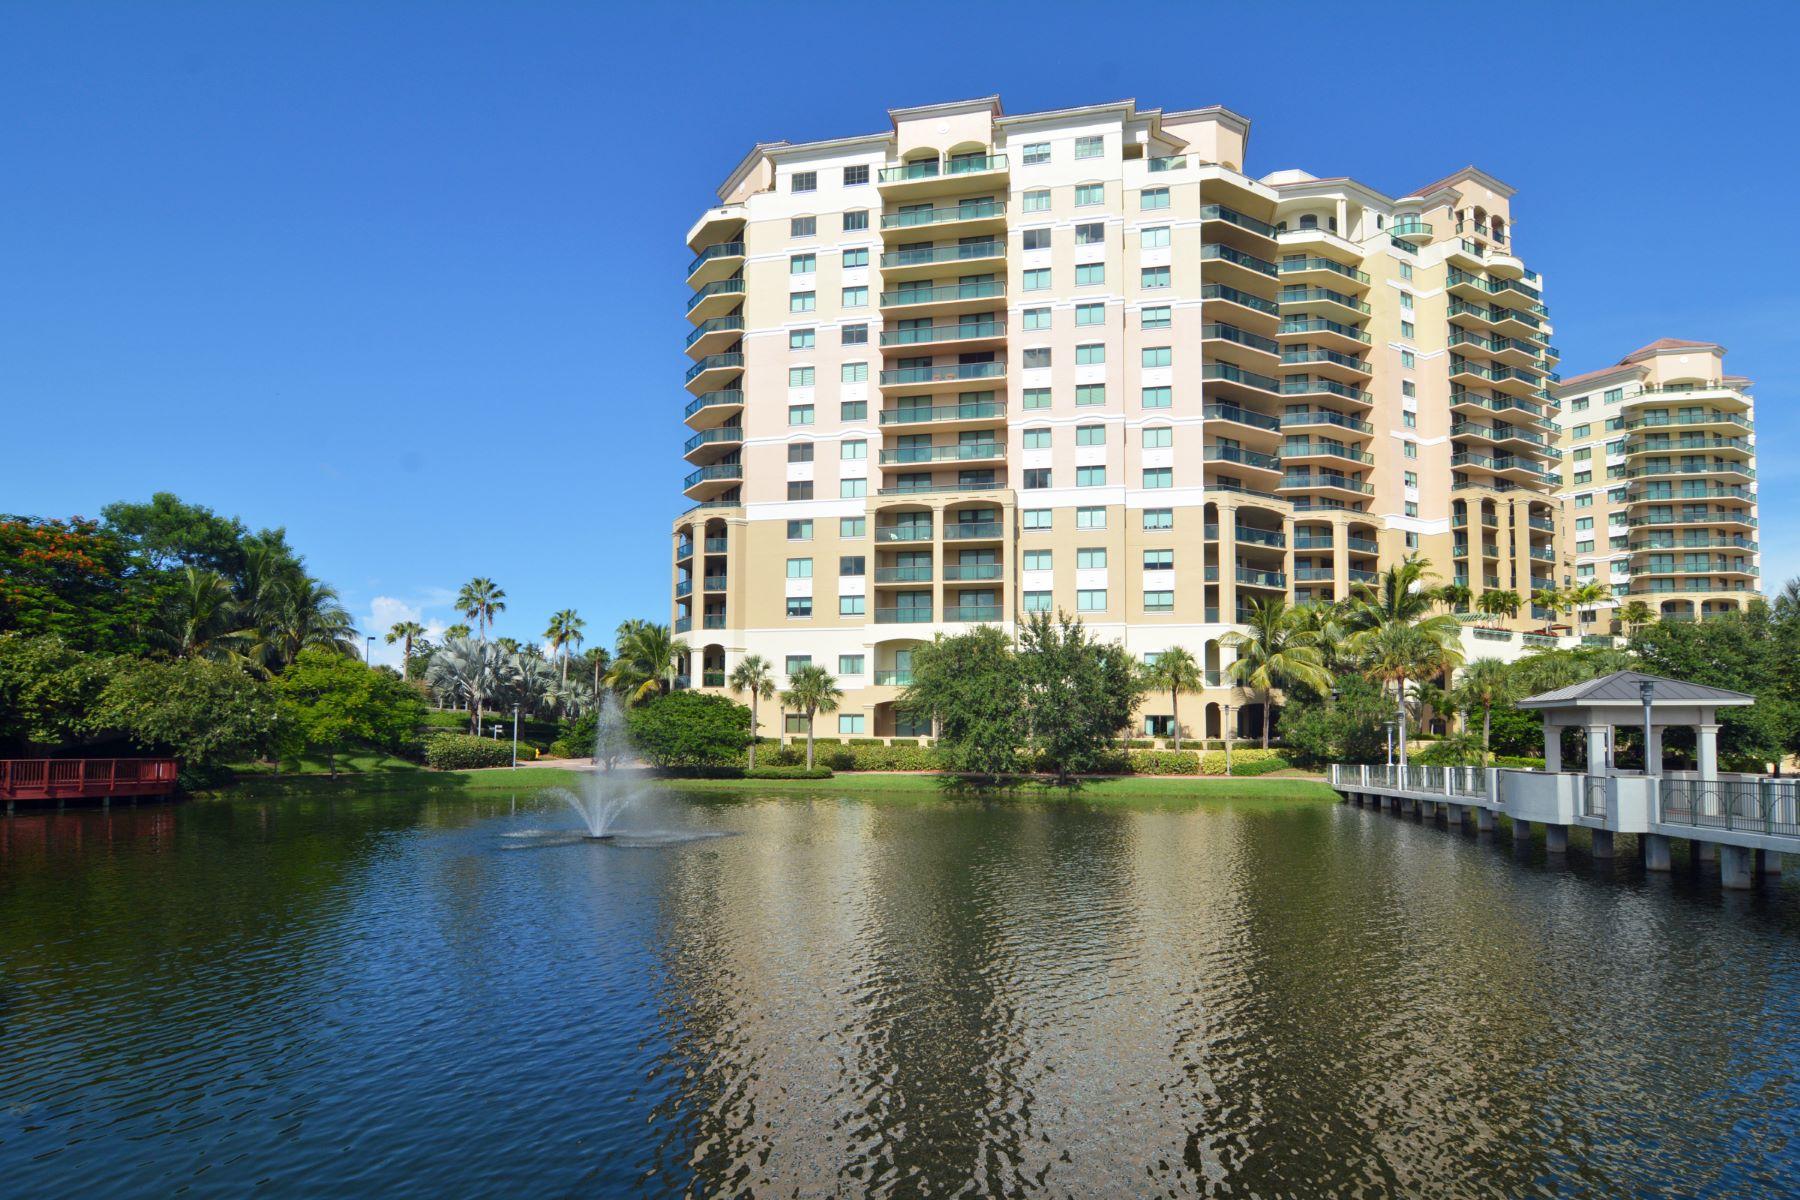 Villa per Vendita alle ore 3630 Gardens Parkway 3630 Gardens Parkway Unit 103 C Palm Beach Gardens, Florida, 33410 Stati Uniti